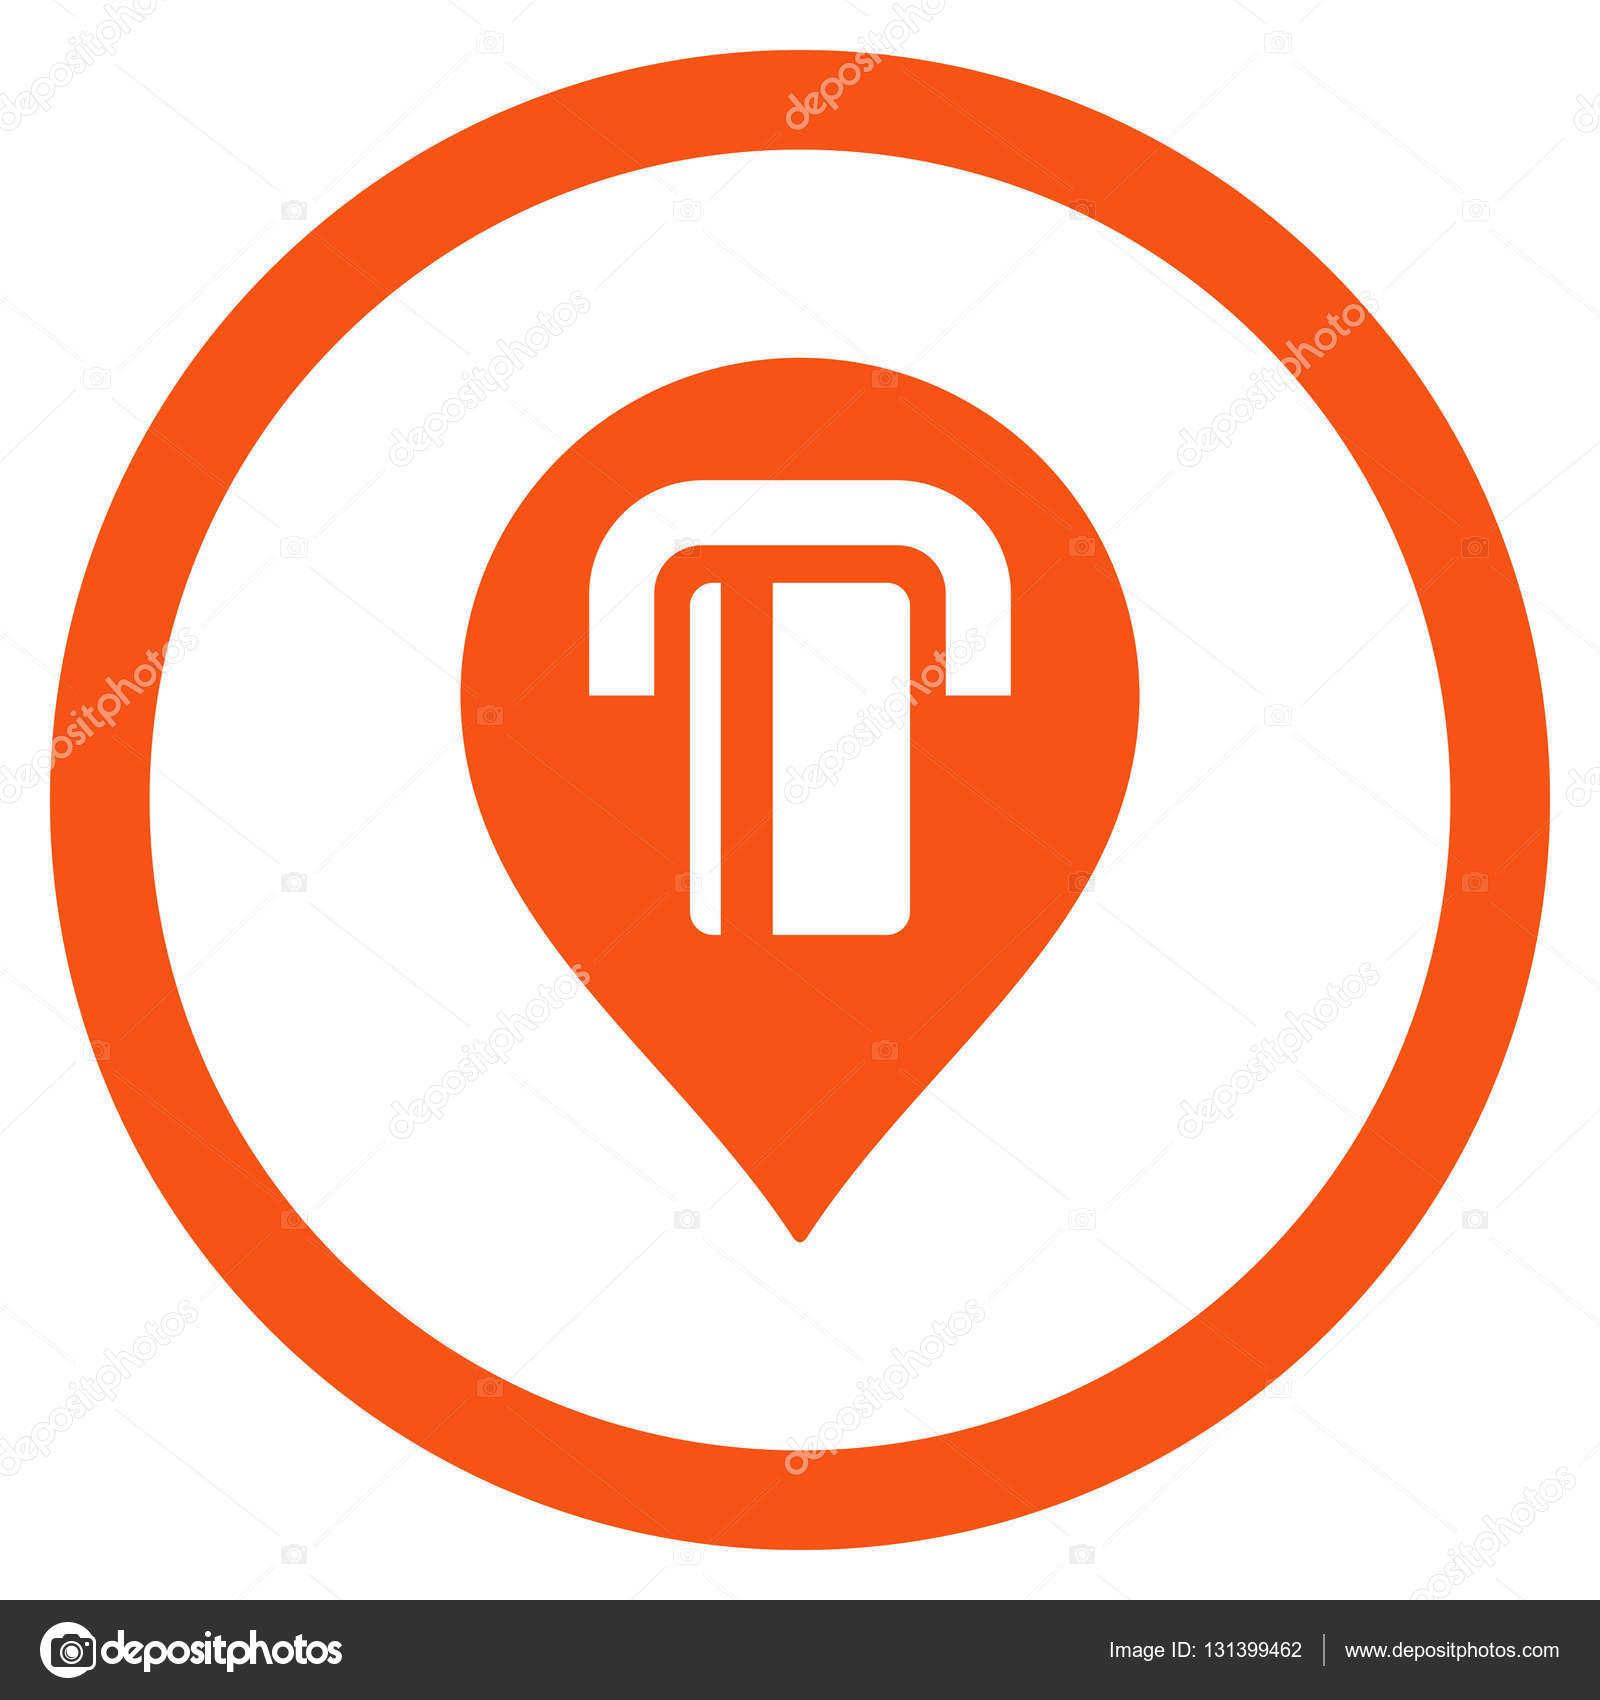 符号内圈,橙色的颜色,白色背景